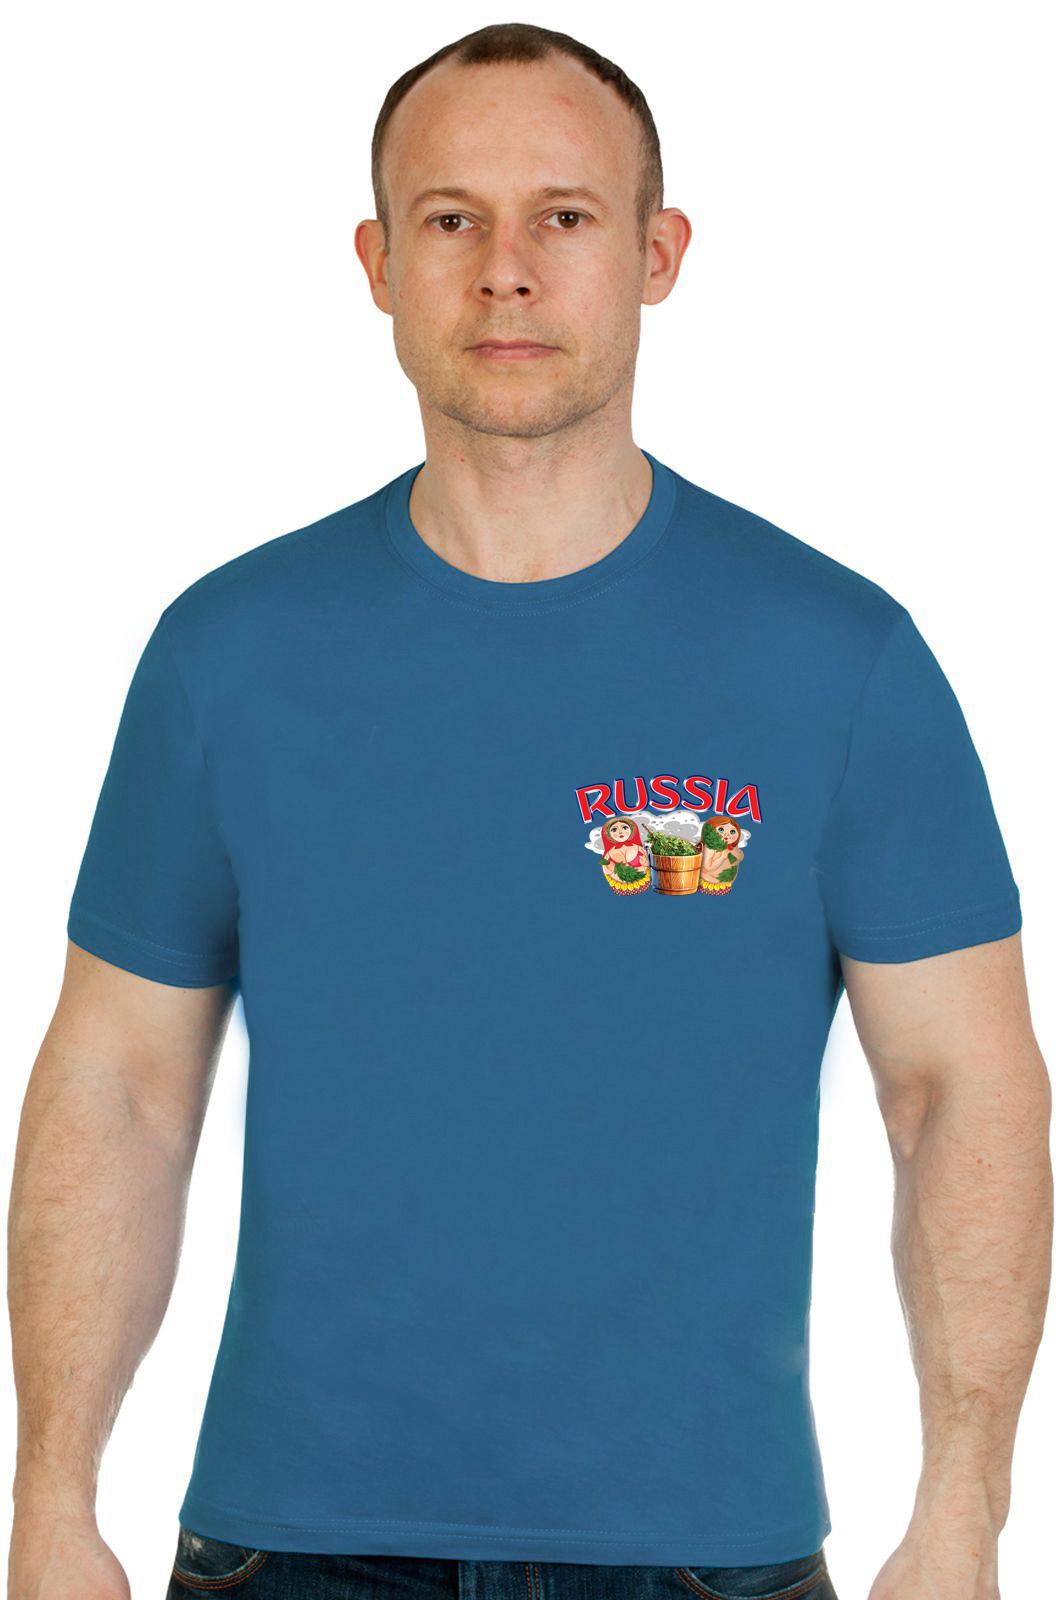 Купить футболку Матрешки в баньке оптом